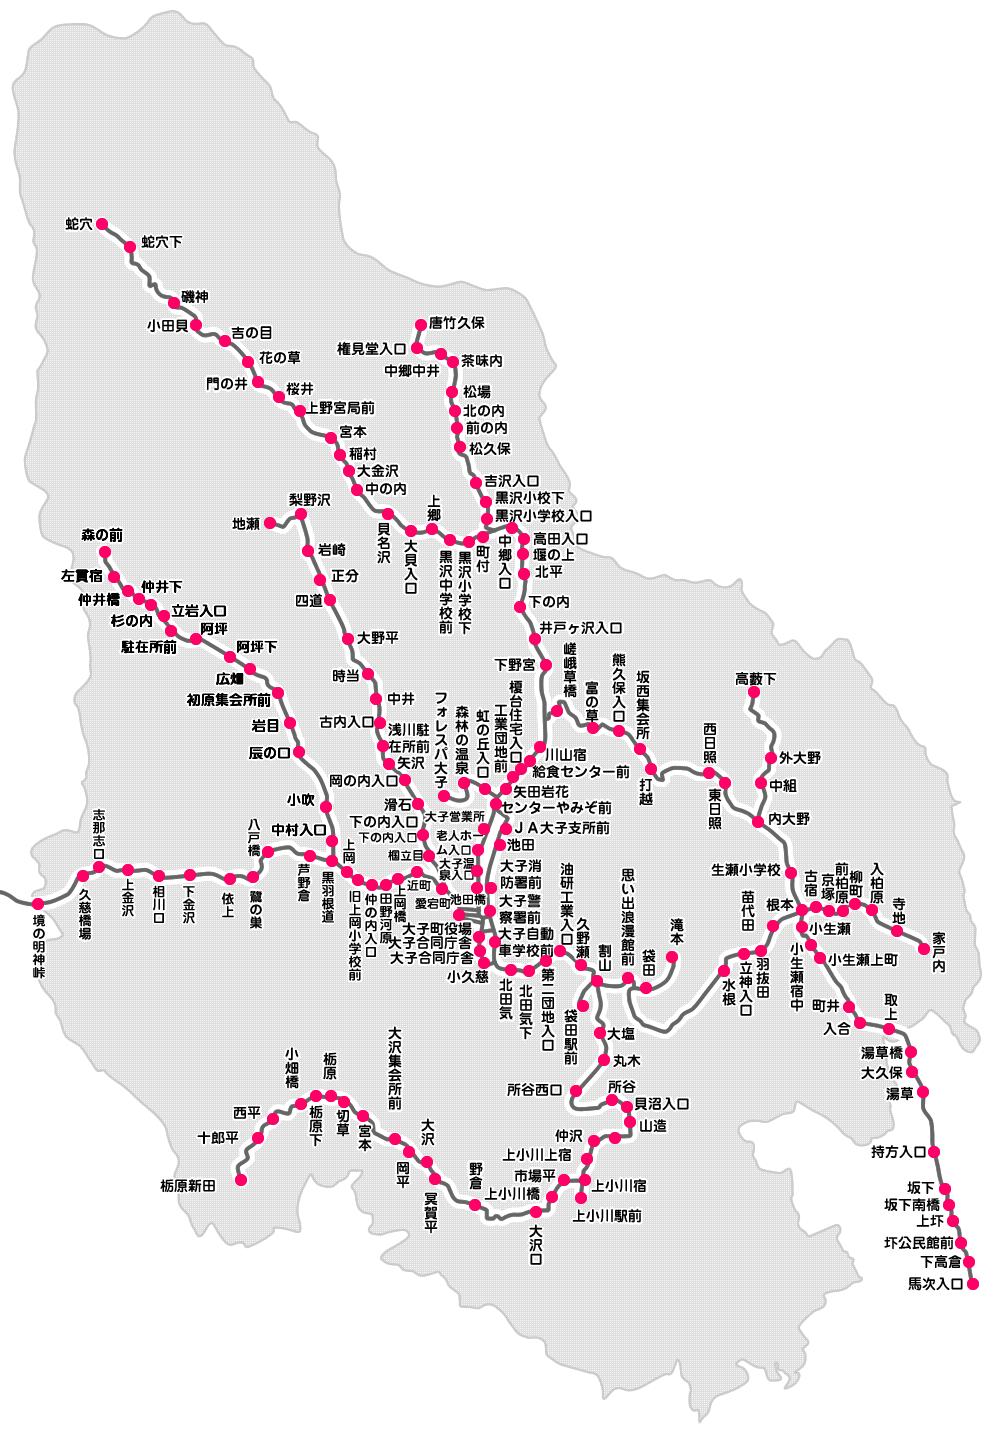 『『路線バス路線概要図』の画像』の画像